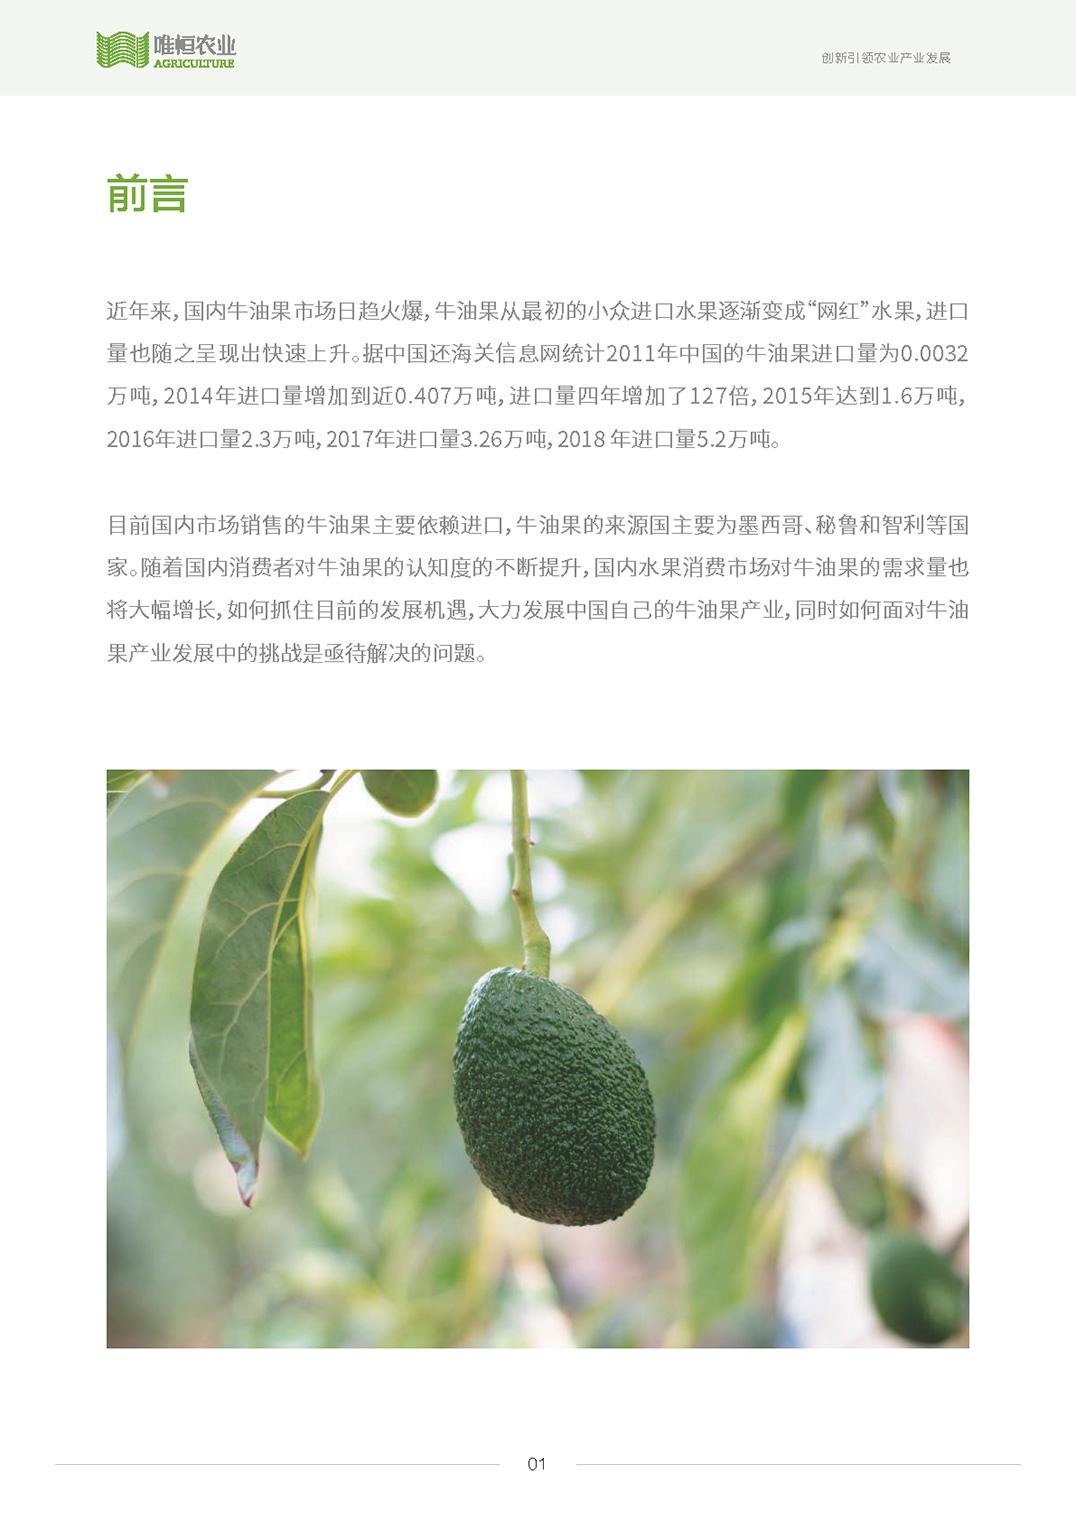 唯恒农业:2019年中国牛油果产业发展研究